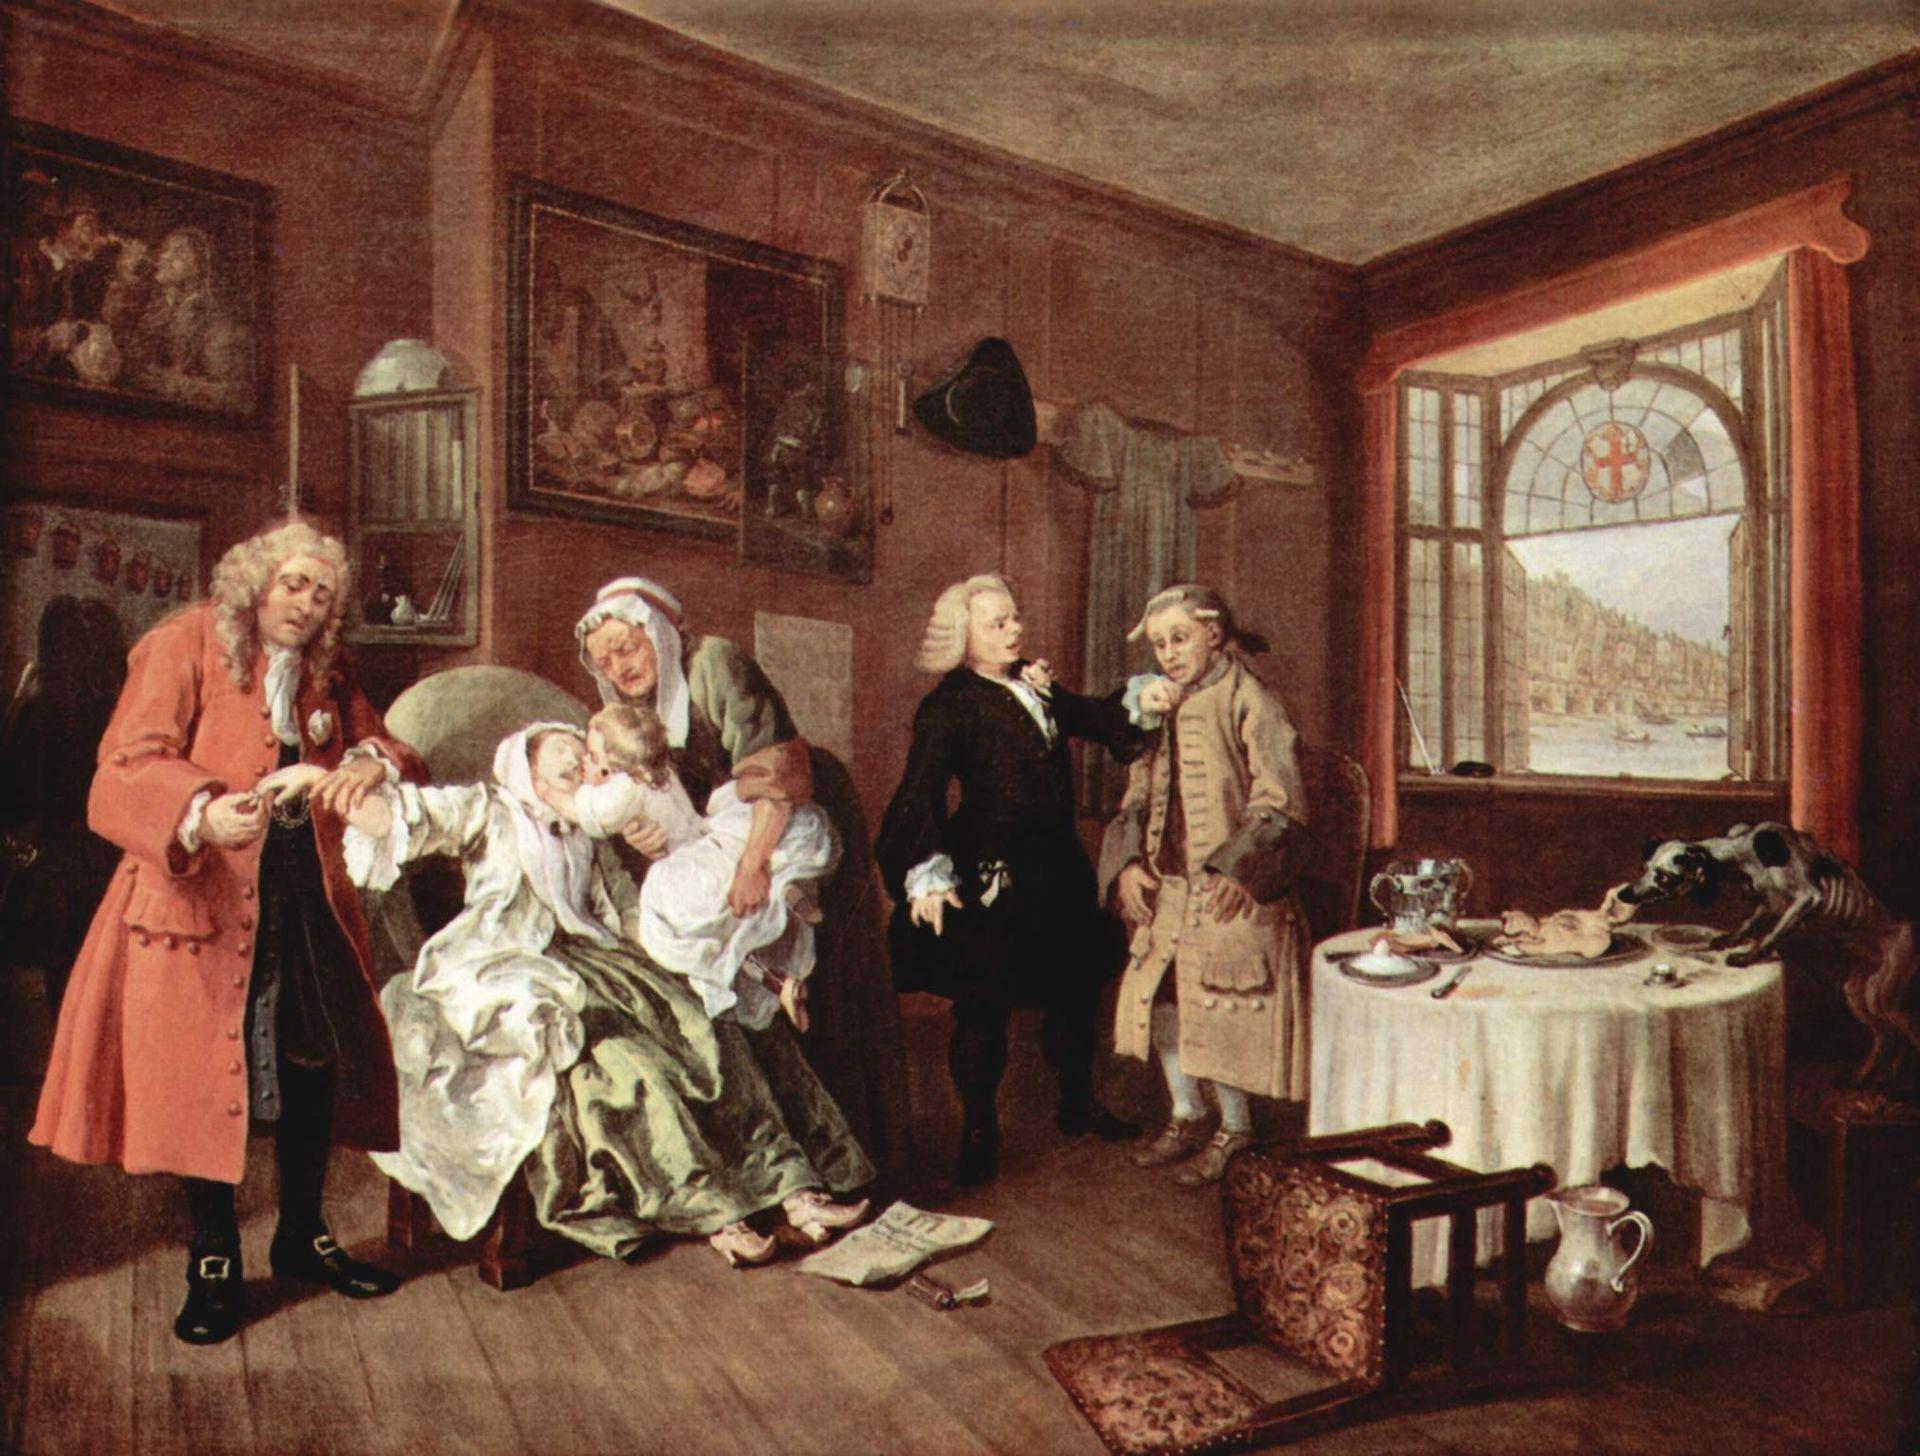 Уильям Хогарт, 1743—1745 гг., картина «Смерть графини»